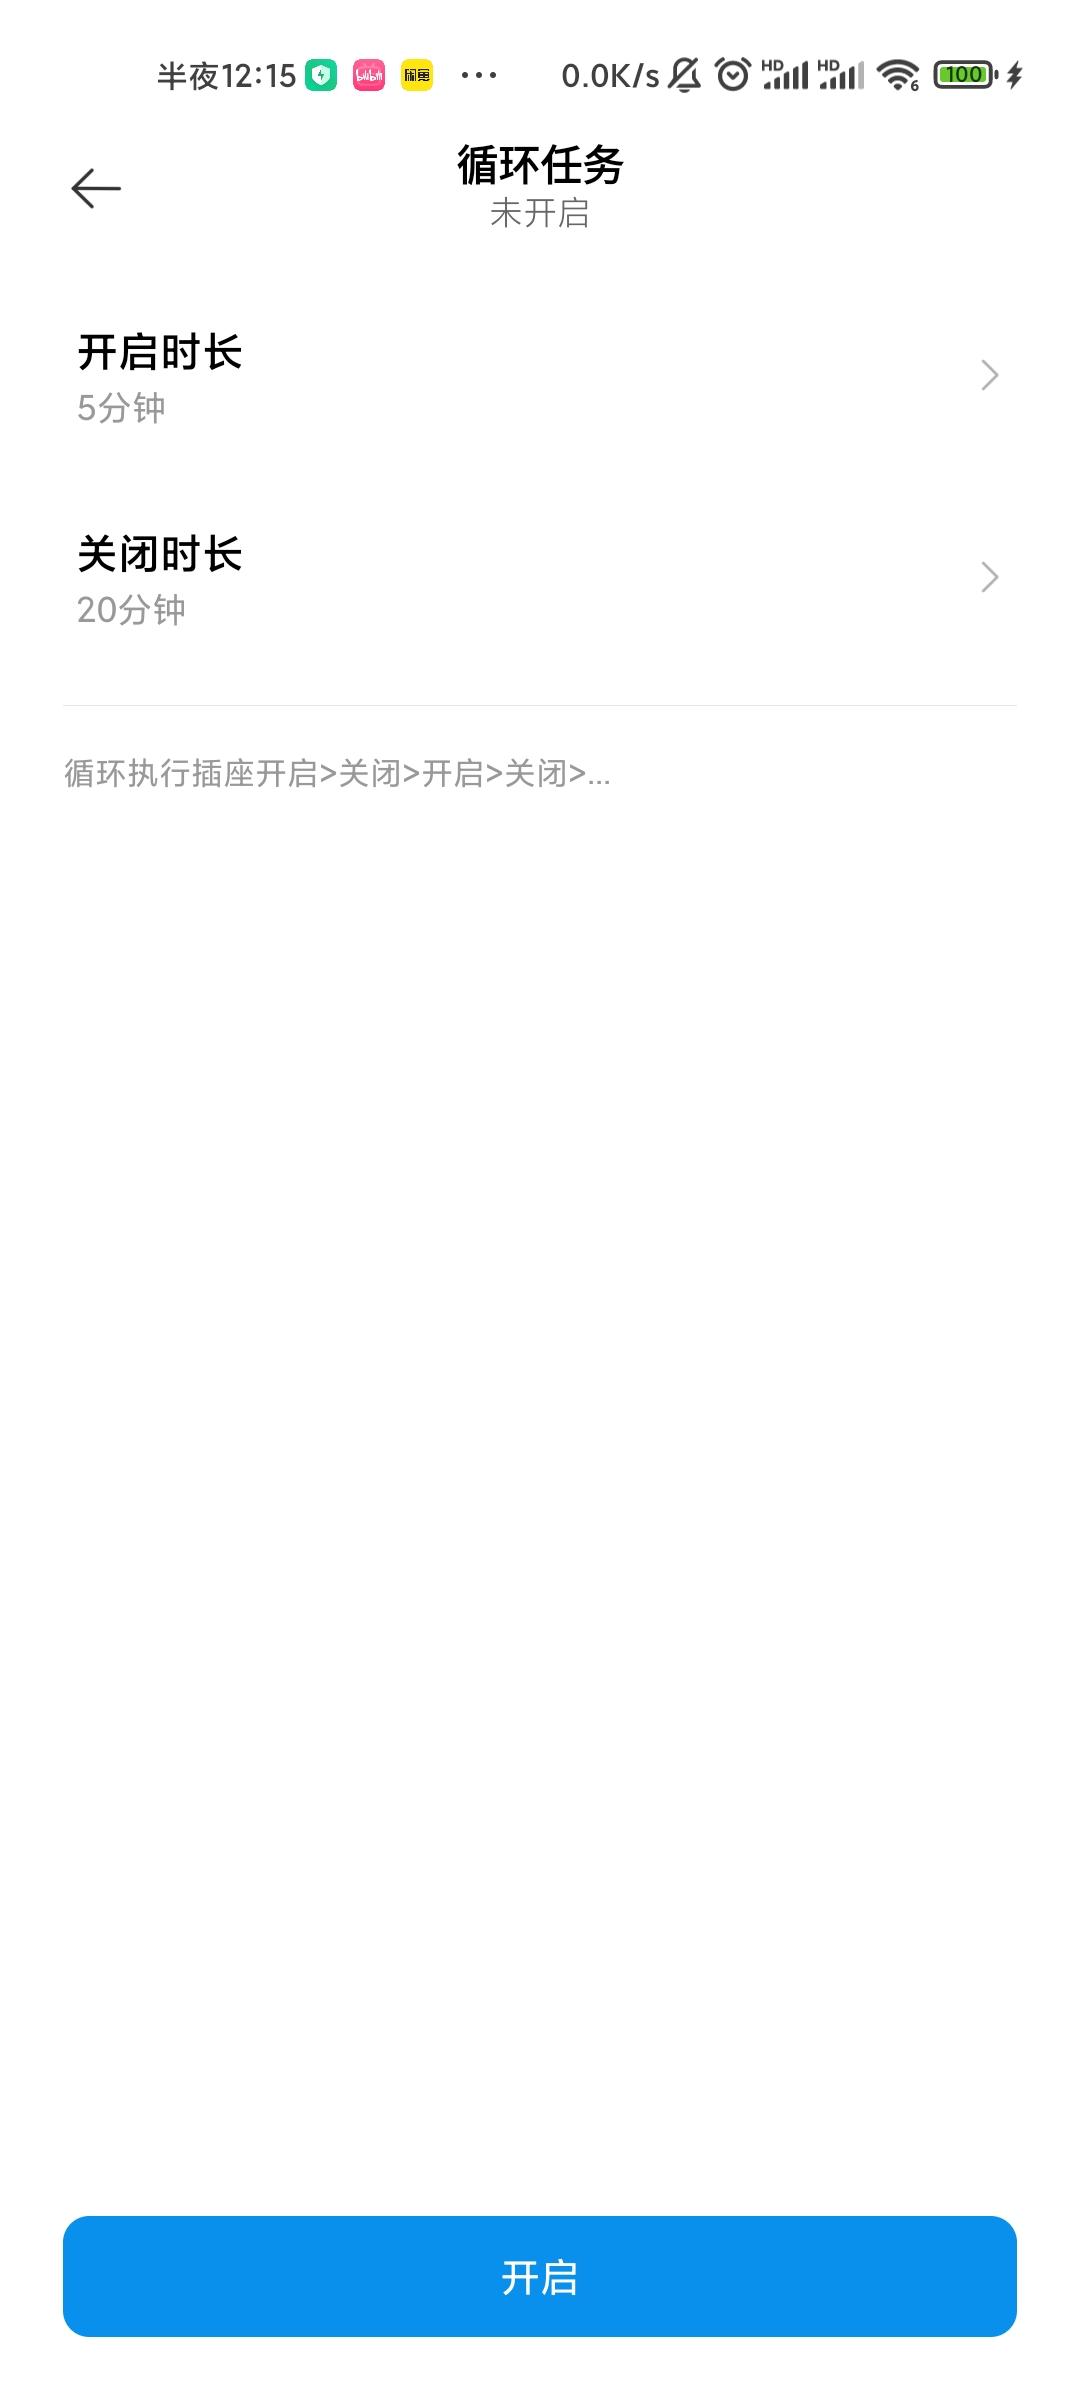 Screenshot_2021-06-19-00-15-23-321_com.xiaomi.smarthome.jpg